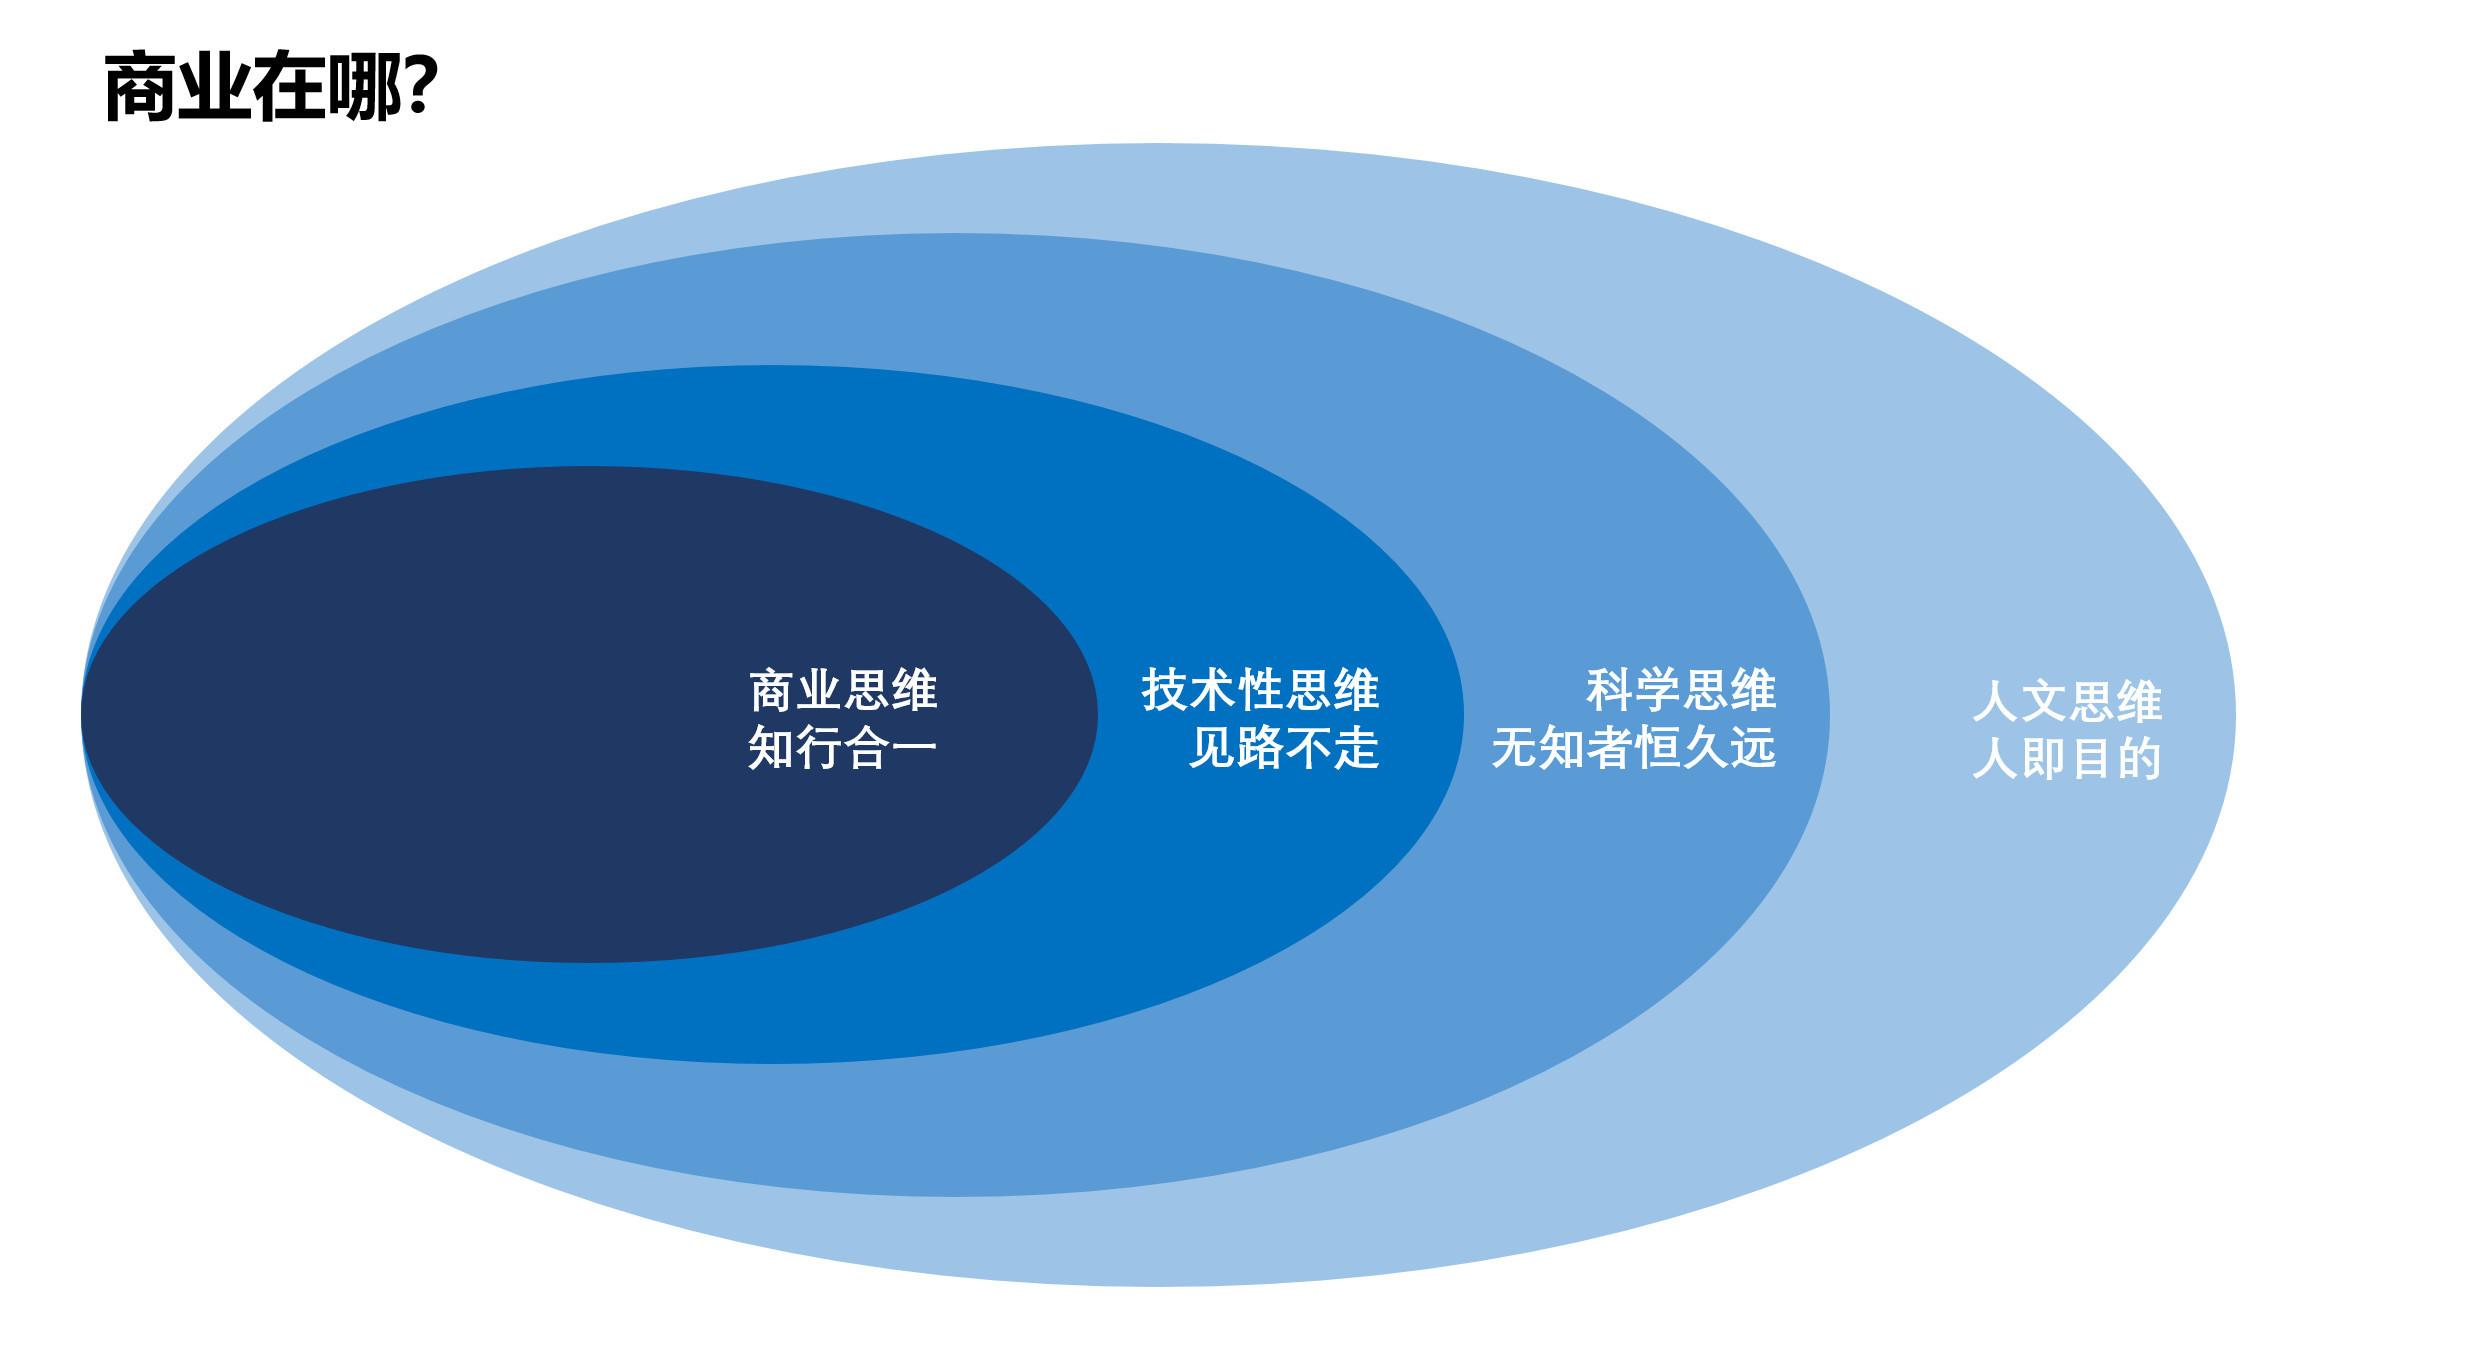 图04:哲科思维中人文、科学、技术与商业的关系 来源:李有龙《保险业生态战略系列培训课程》